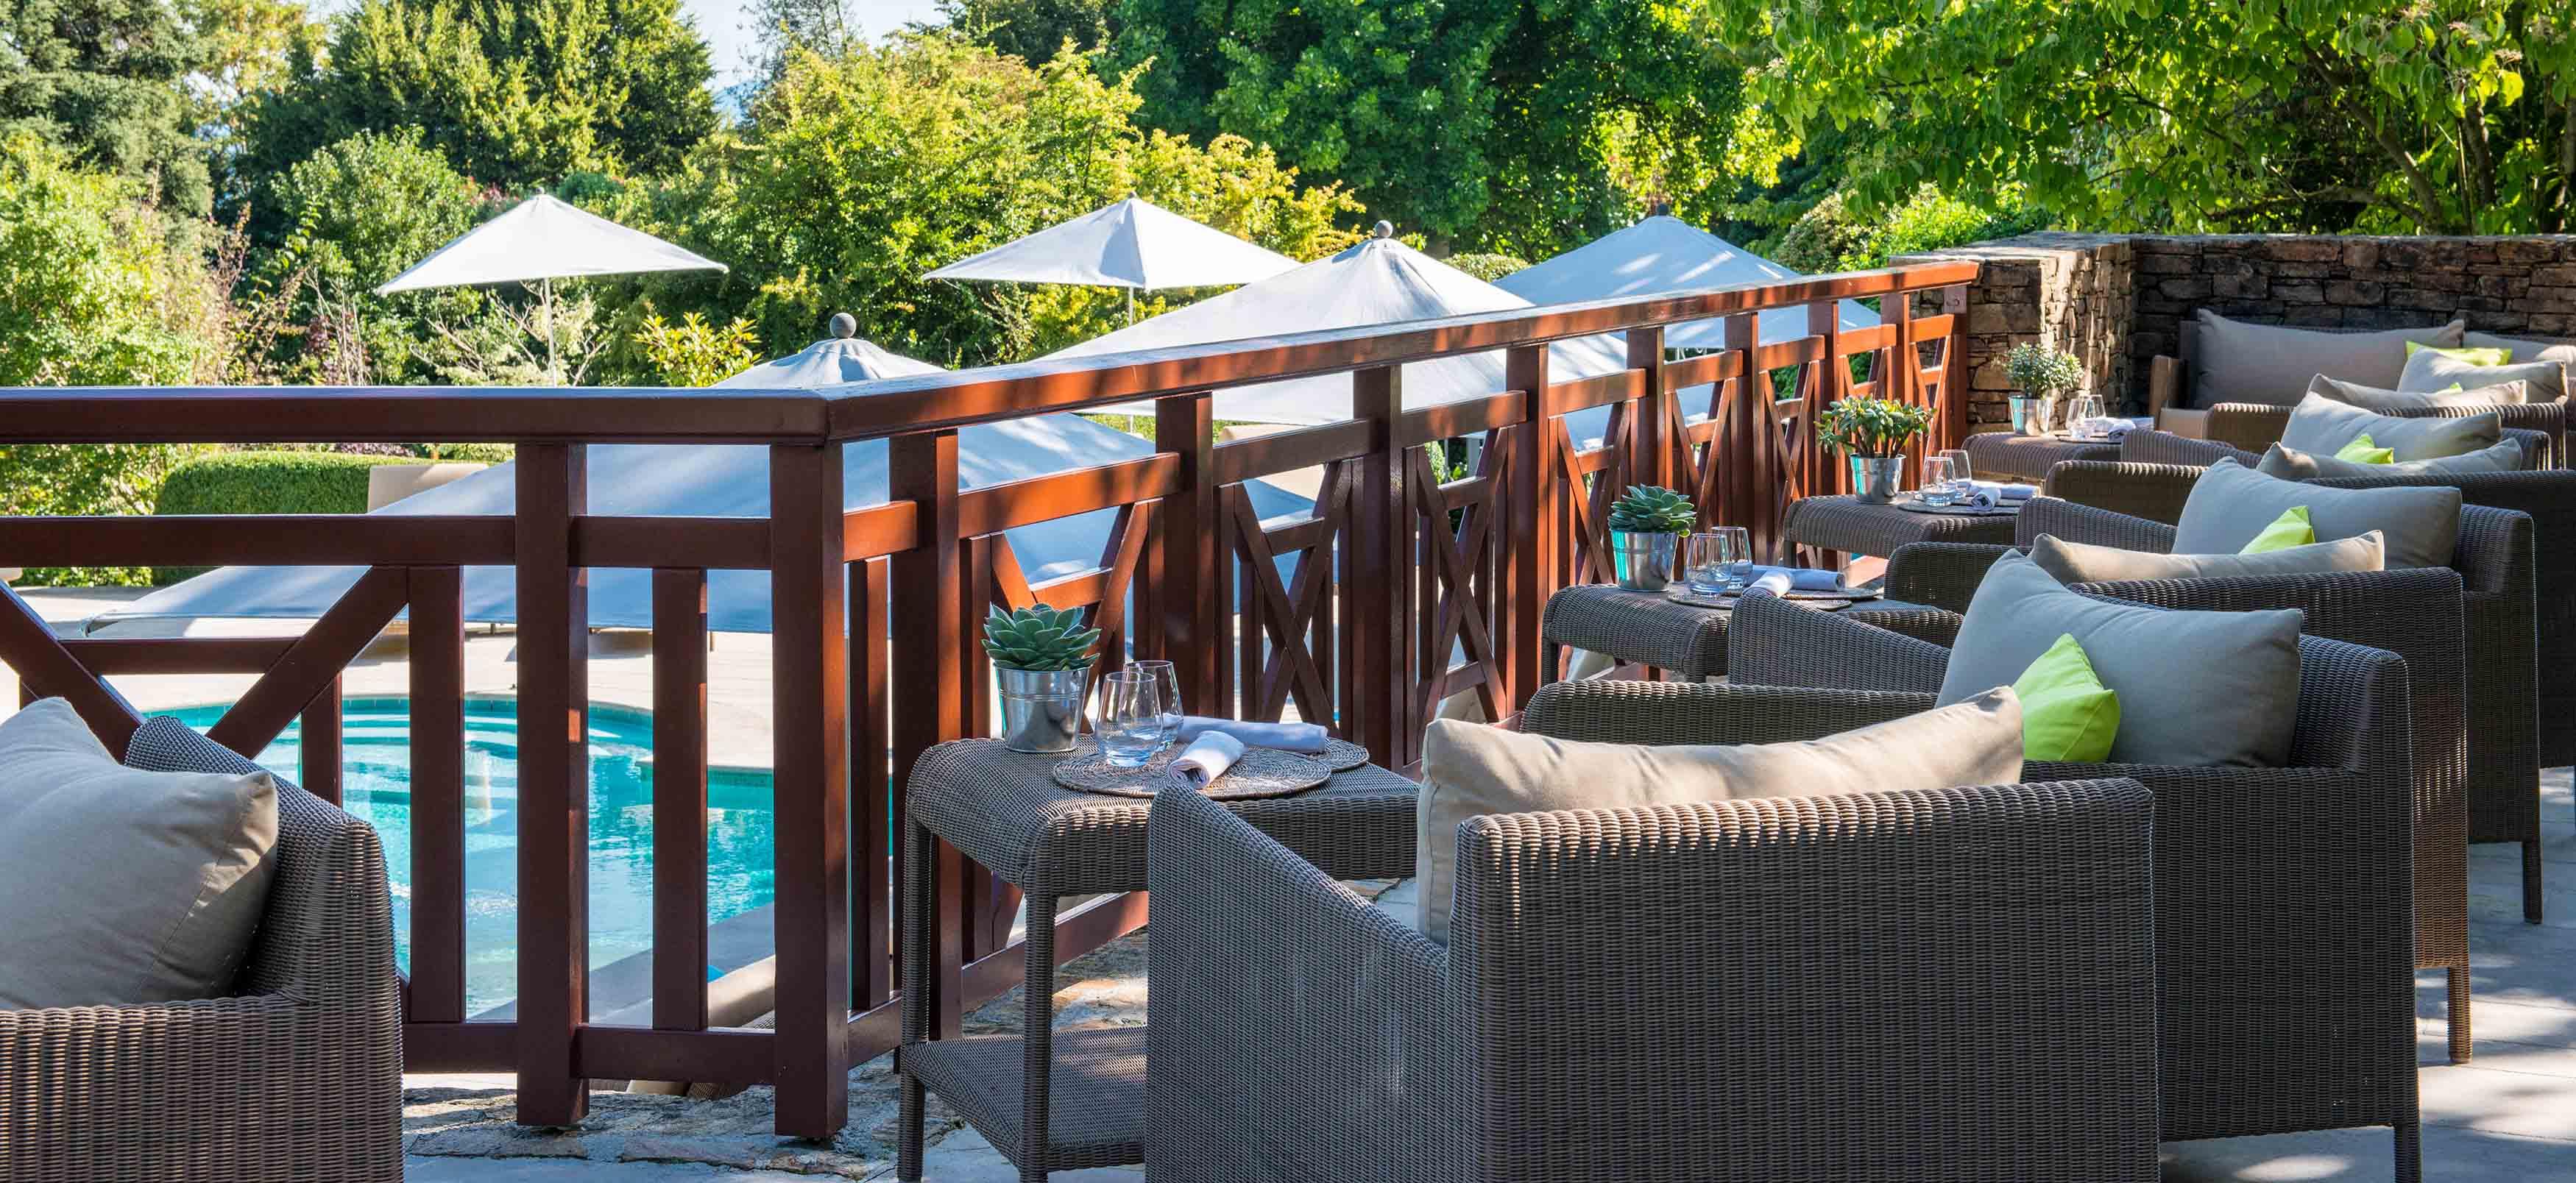 À 4 Bar Étoiles Chaise Evian De Piscine La Longue Hôtel Ermitage X8wOnN0Pk